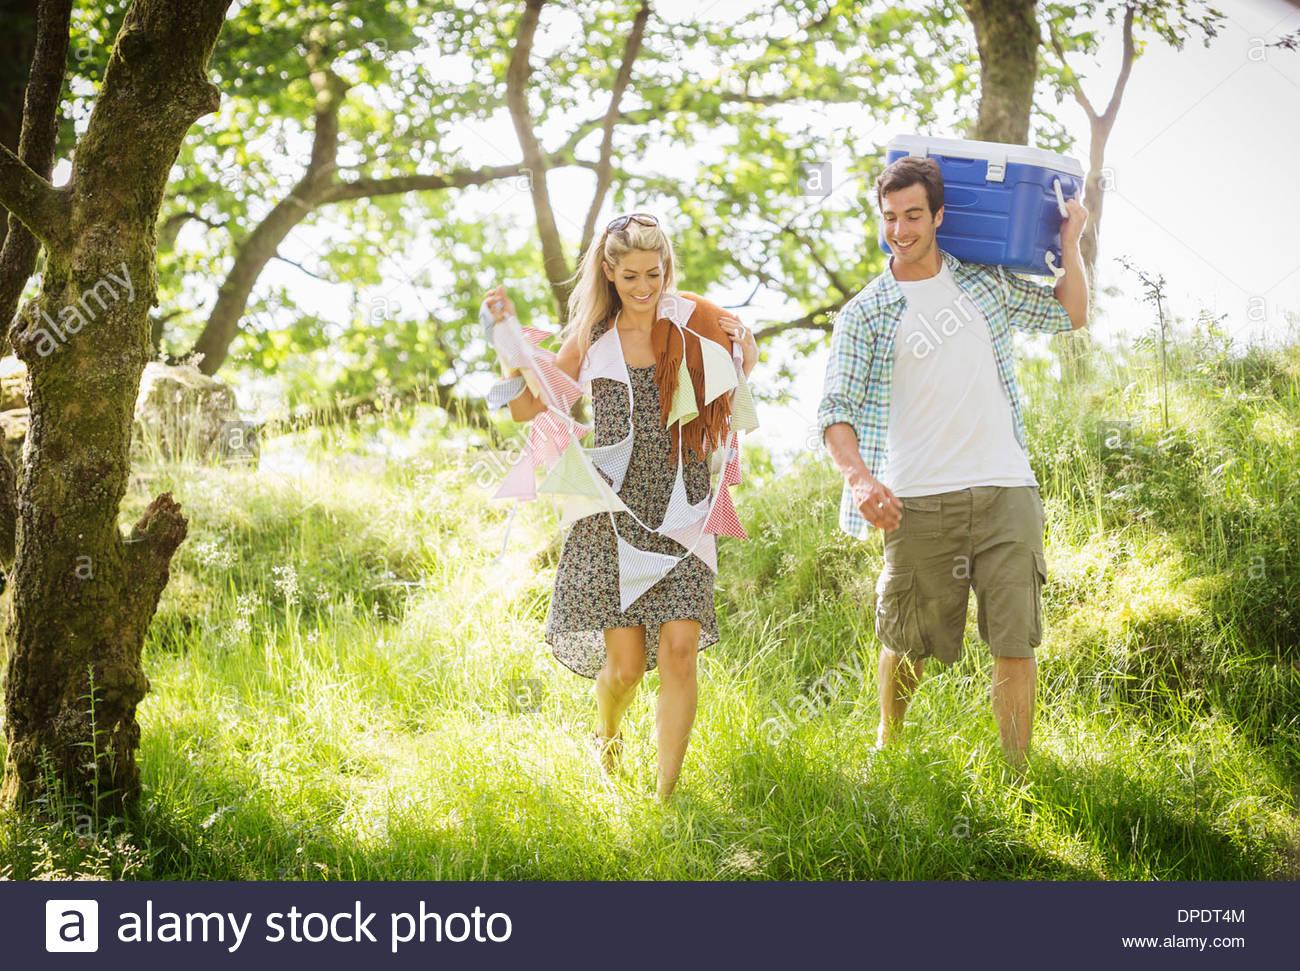 Coppia giovane nella foresta con bunting e il raffreddamento della scatola Immagini Stock